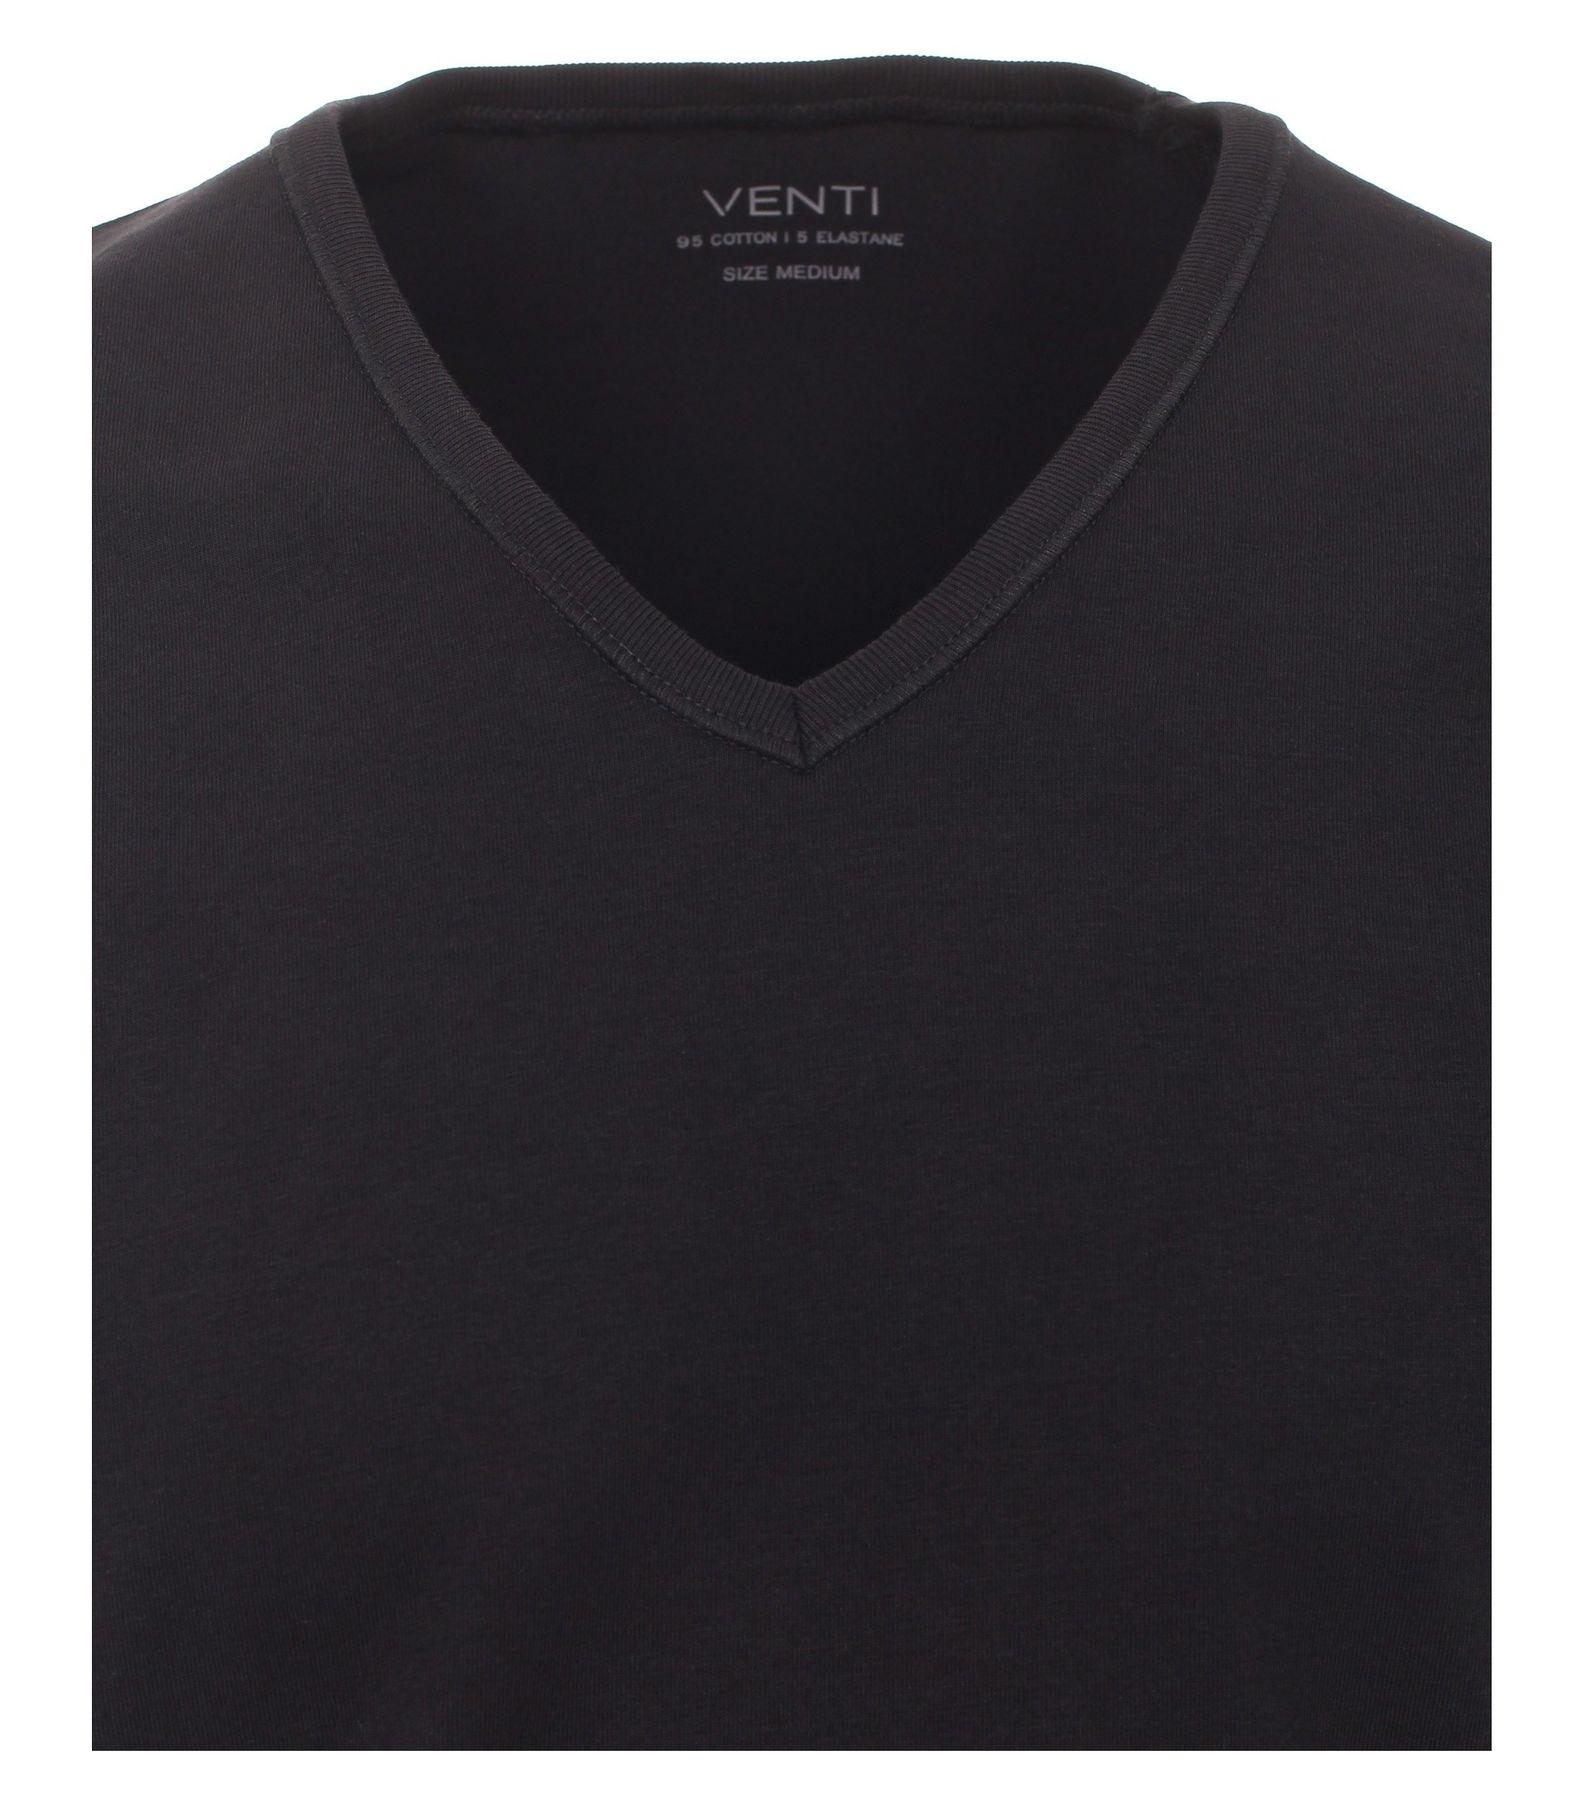 Venti - Herren T-Shirt mit V-Ausschnitt im 2er Pack, schwarz oder weiß, S-XXL (012600) – Bild 6